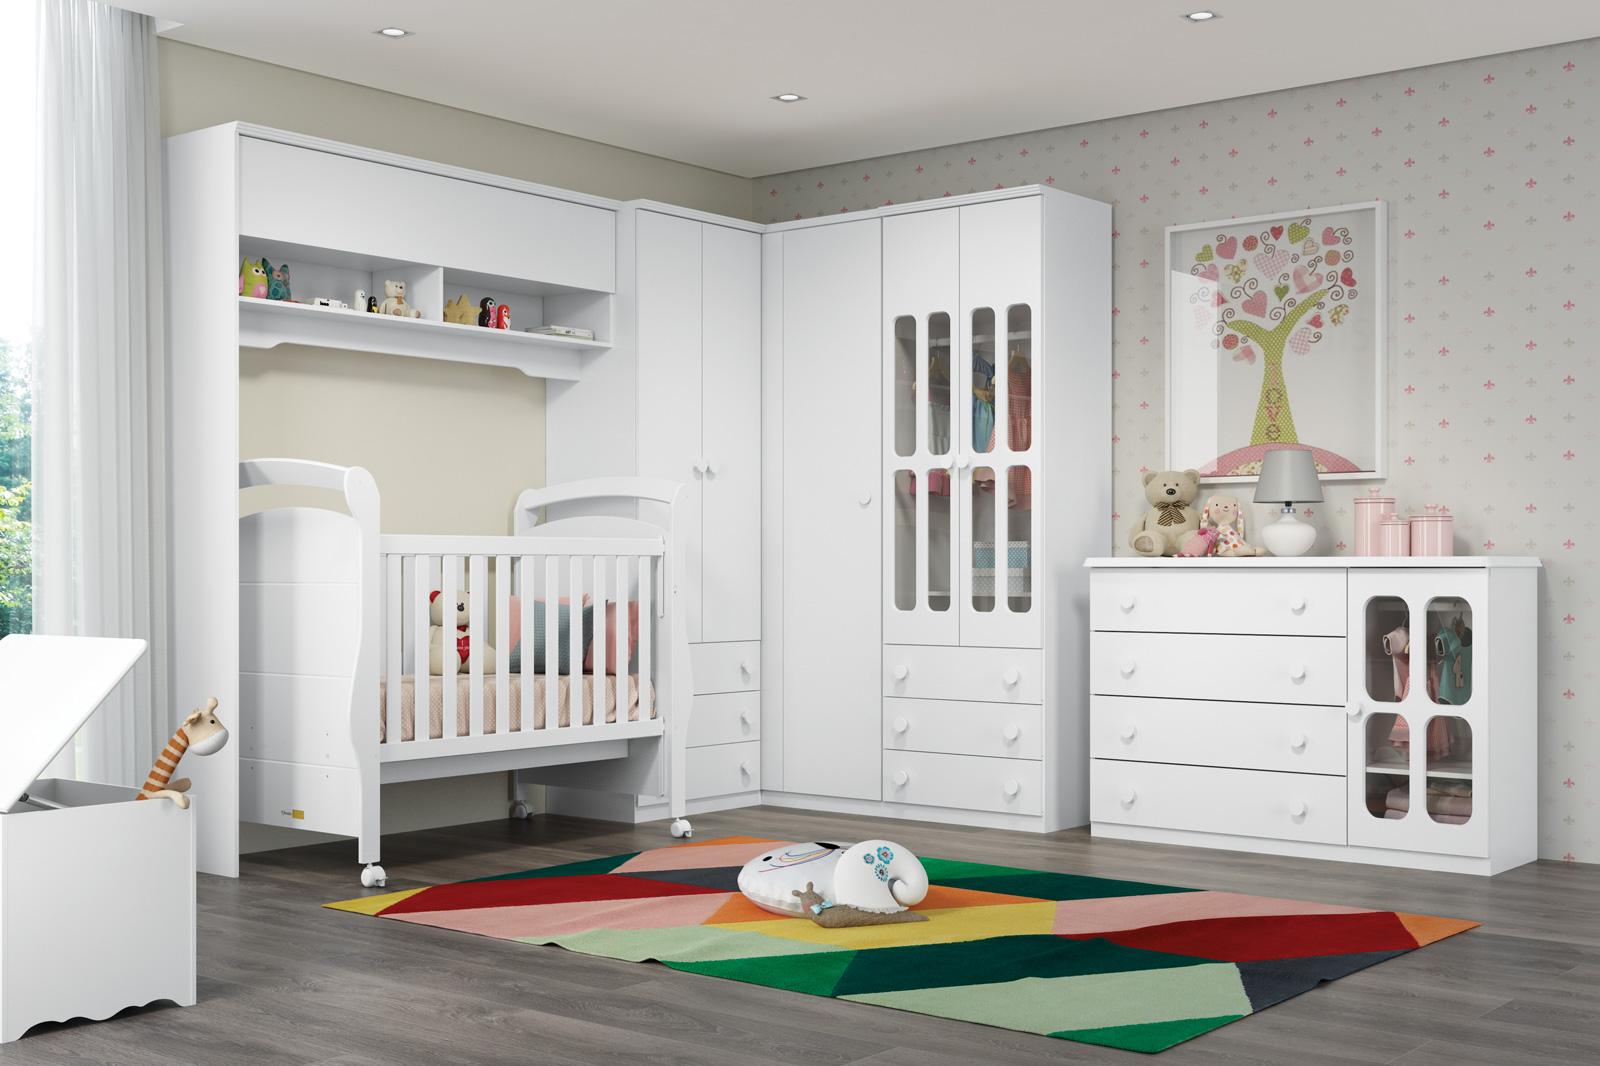 Quarto De Beb Planejado Como Planejar 100 Fotos E Dicas  ~ Decoração De Quarto De Bebe Pequeno